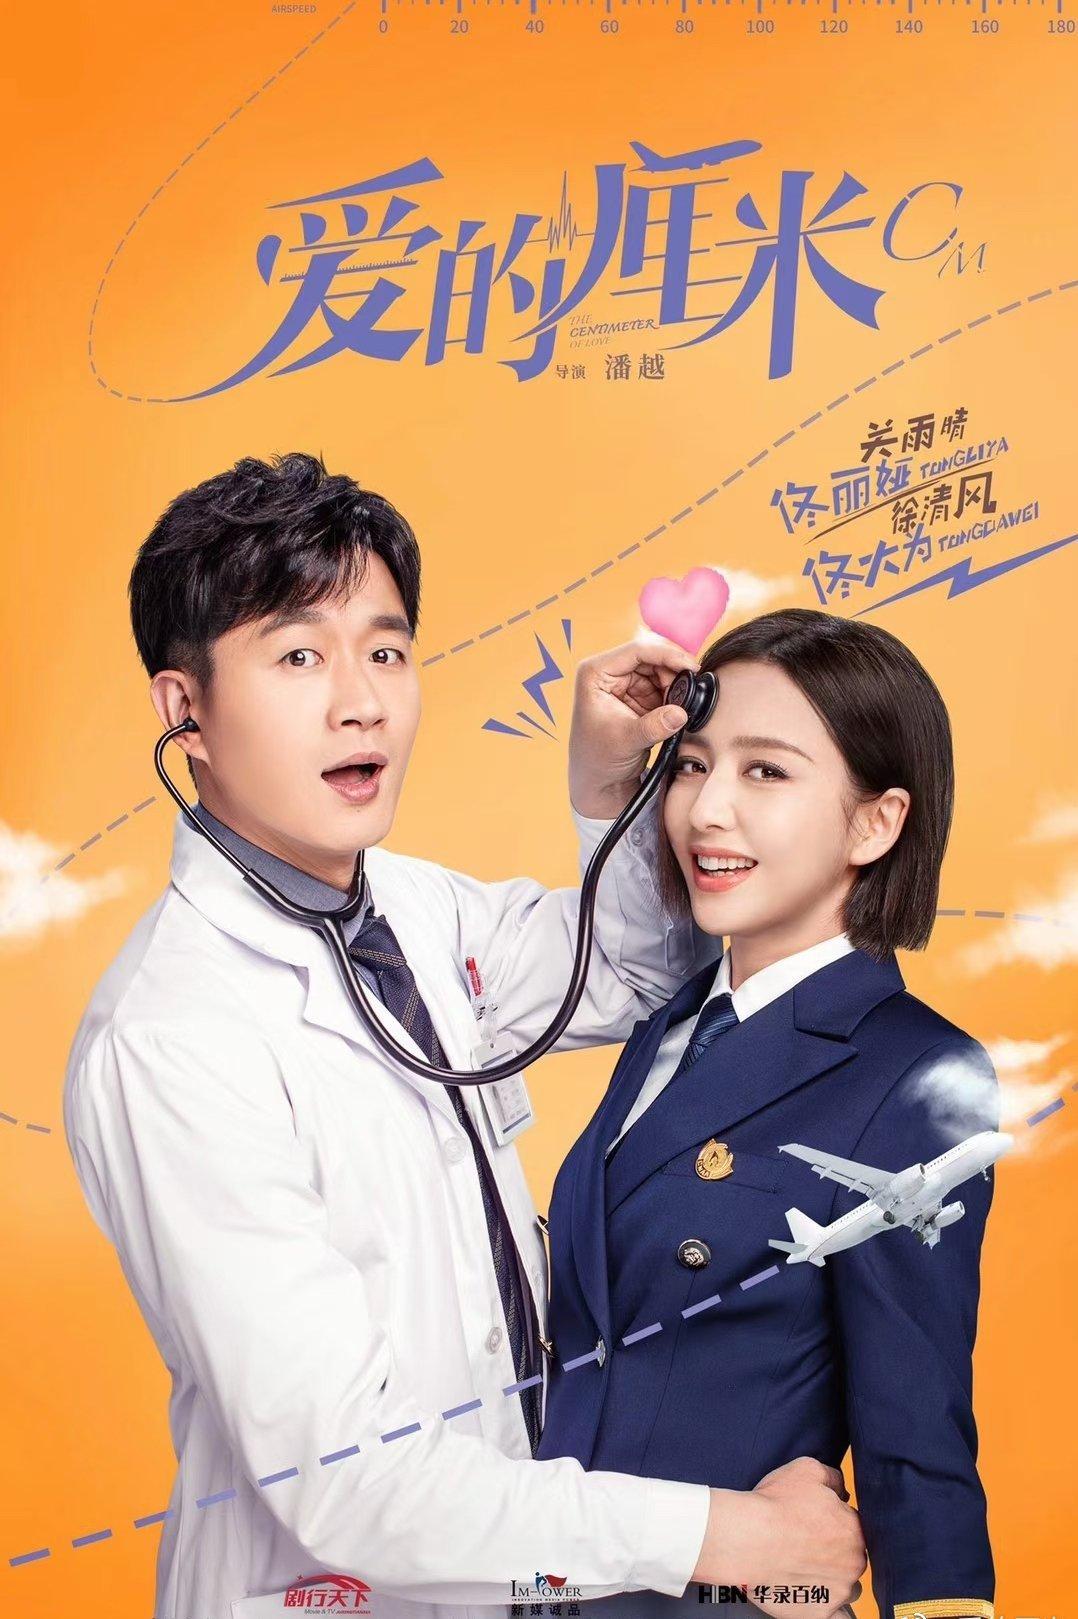 Yêu Từng Centimet - The Centimeter of Love (2020)